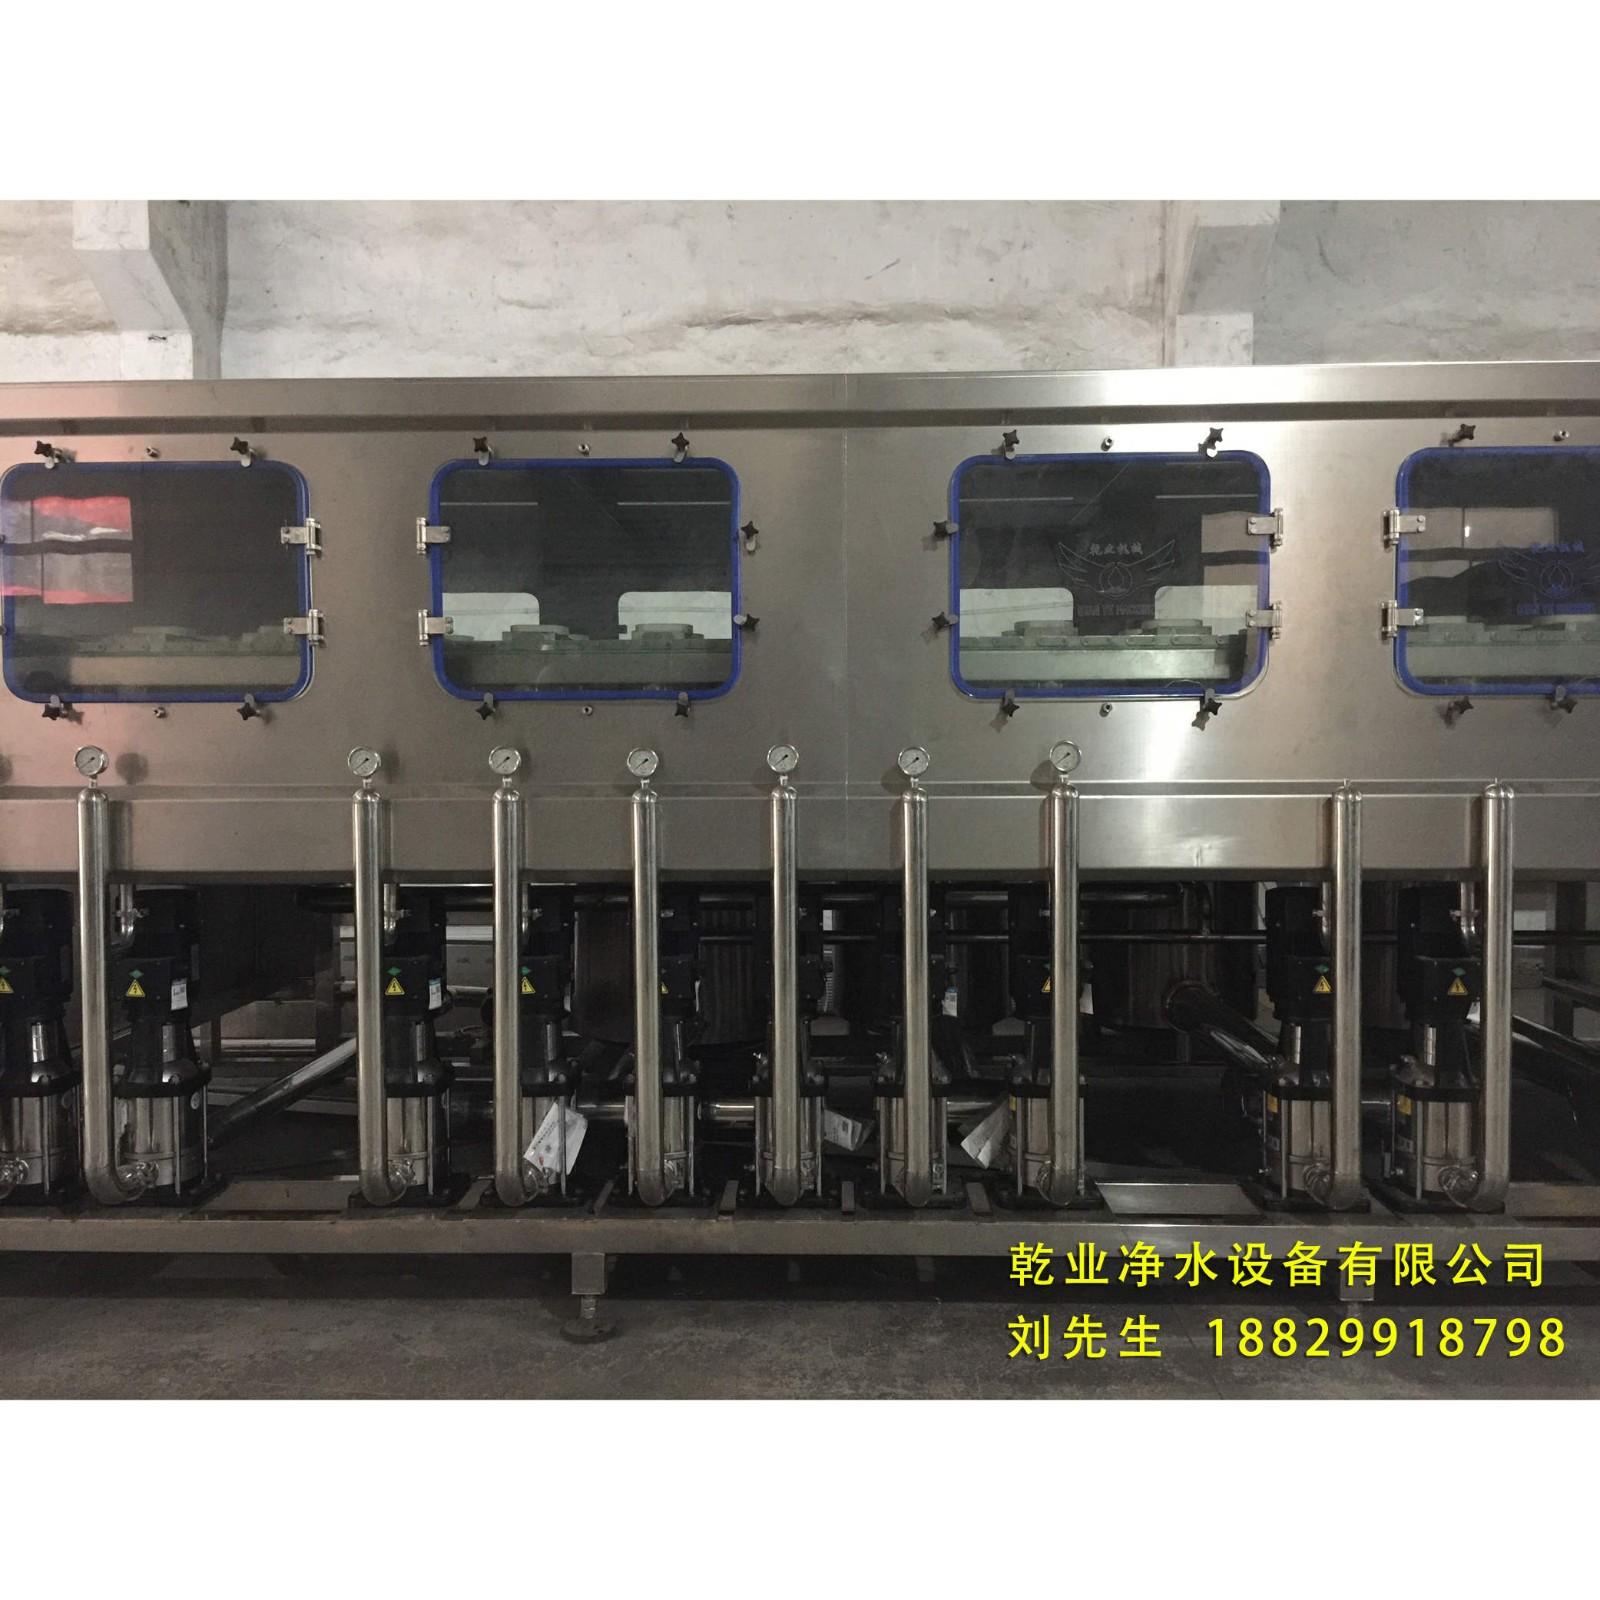 厂家直销 桶装水灌装包装生产线-高端设备QY12桶装纯净水灌装生产线 可定制